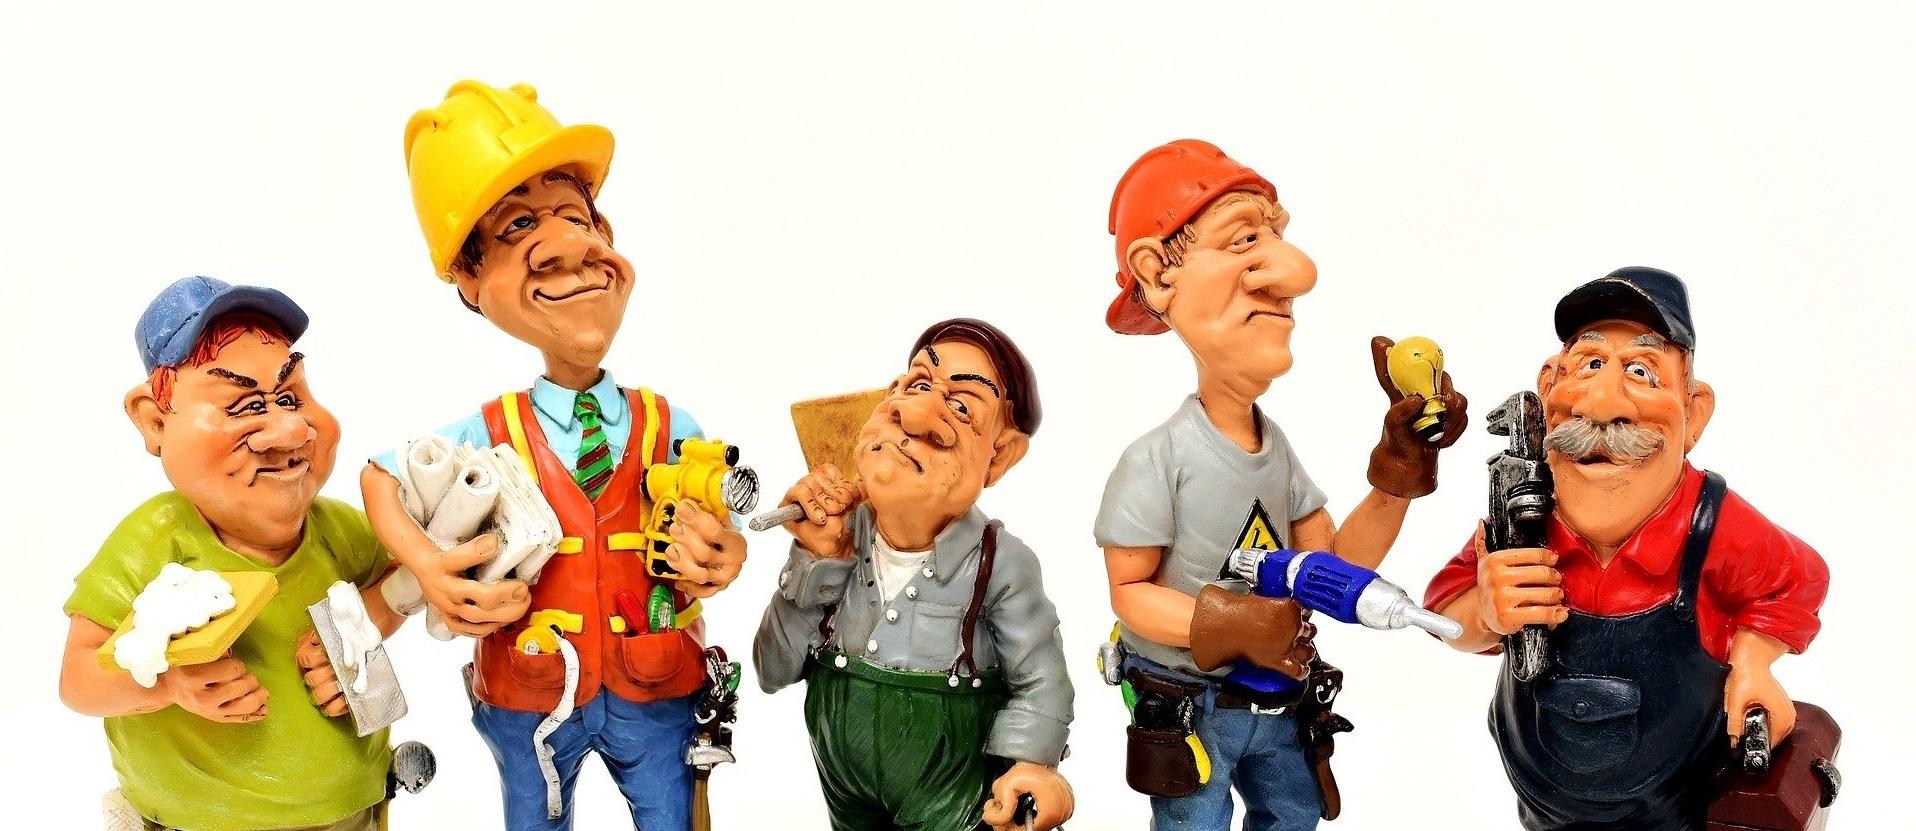 ¿Por qué se celebra el día del trabajador el 1 de mayo?